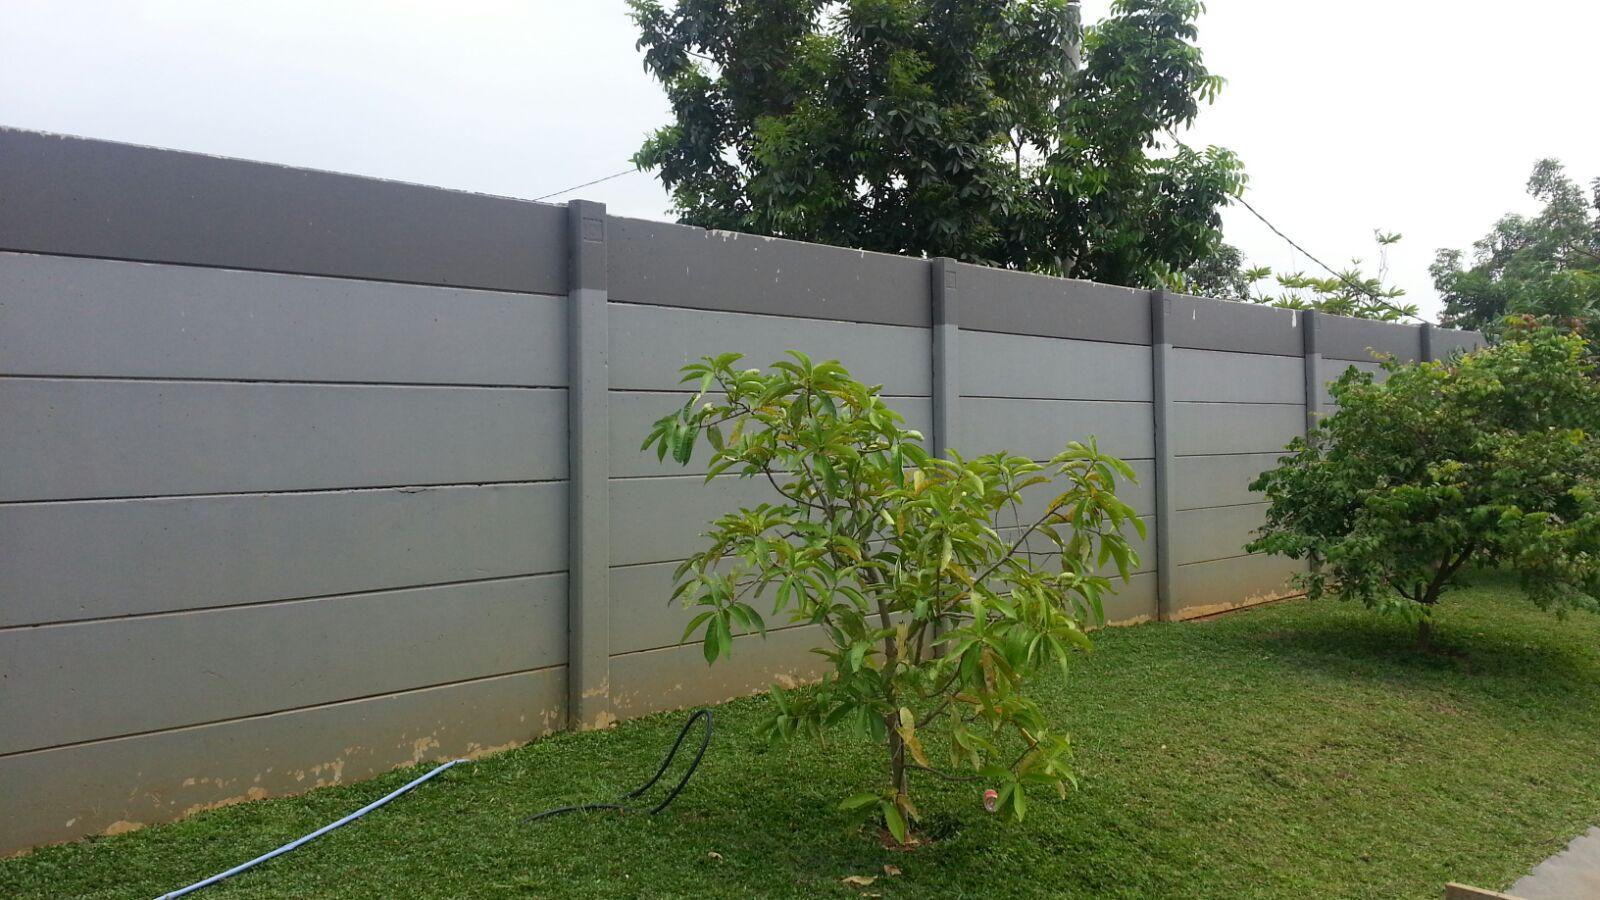 PT.  Dua Putra Perkasa – Precast Concrete Fence – Bandung